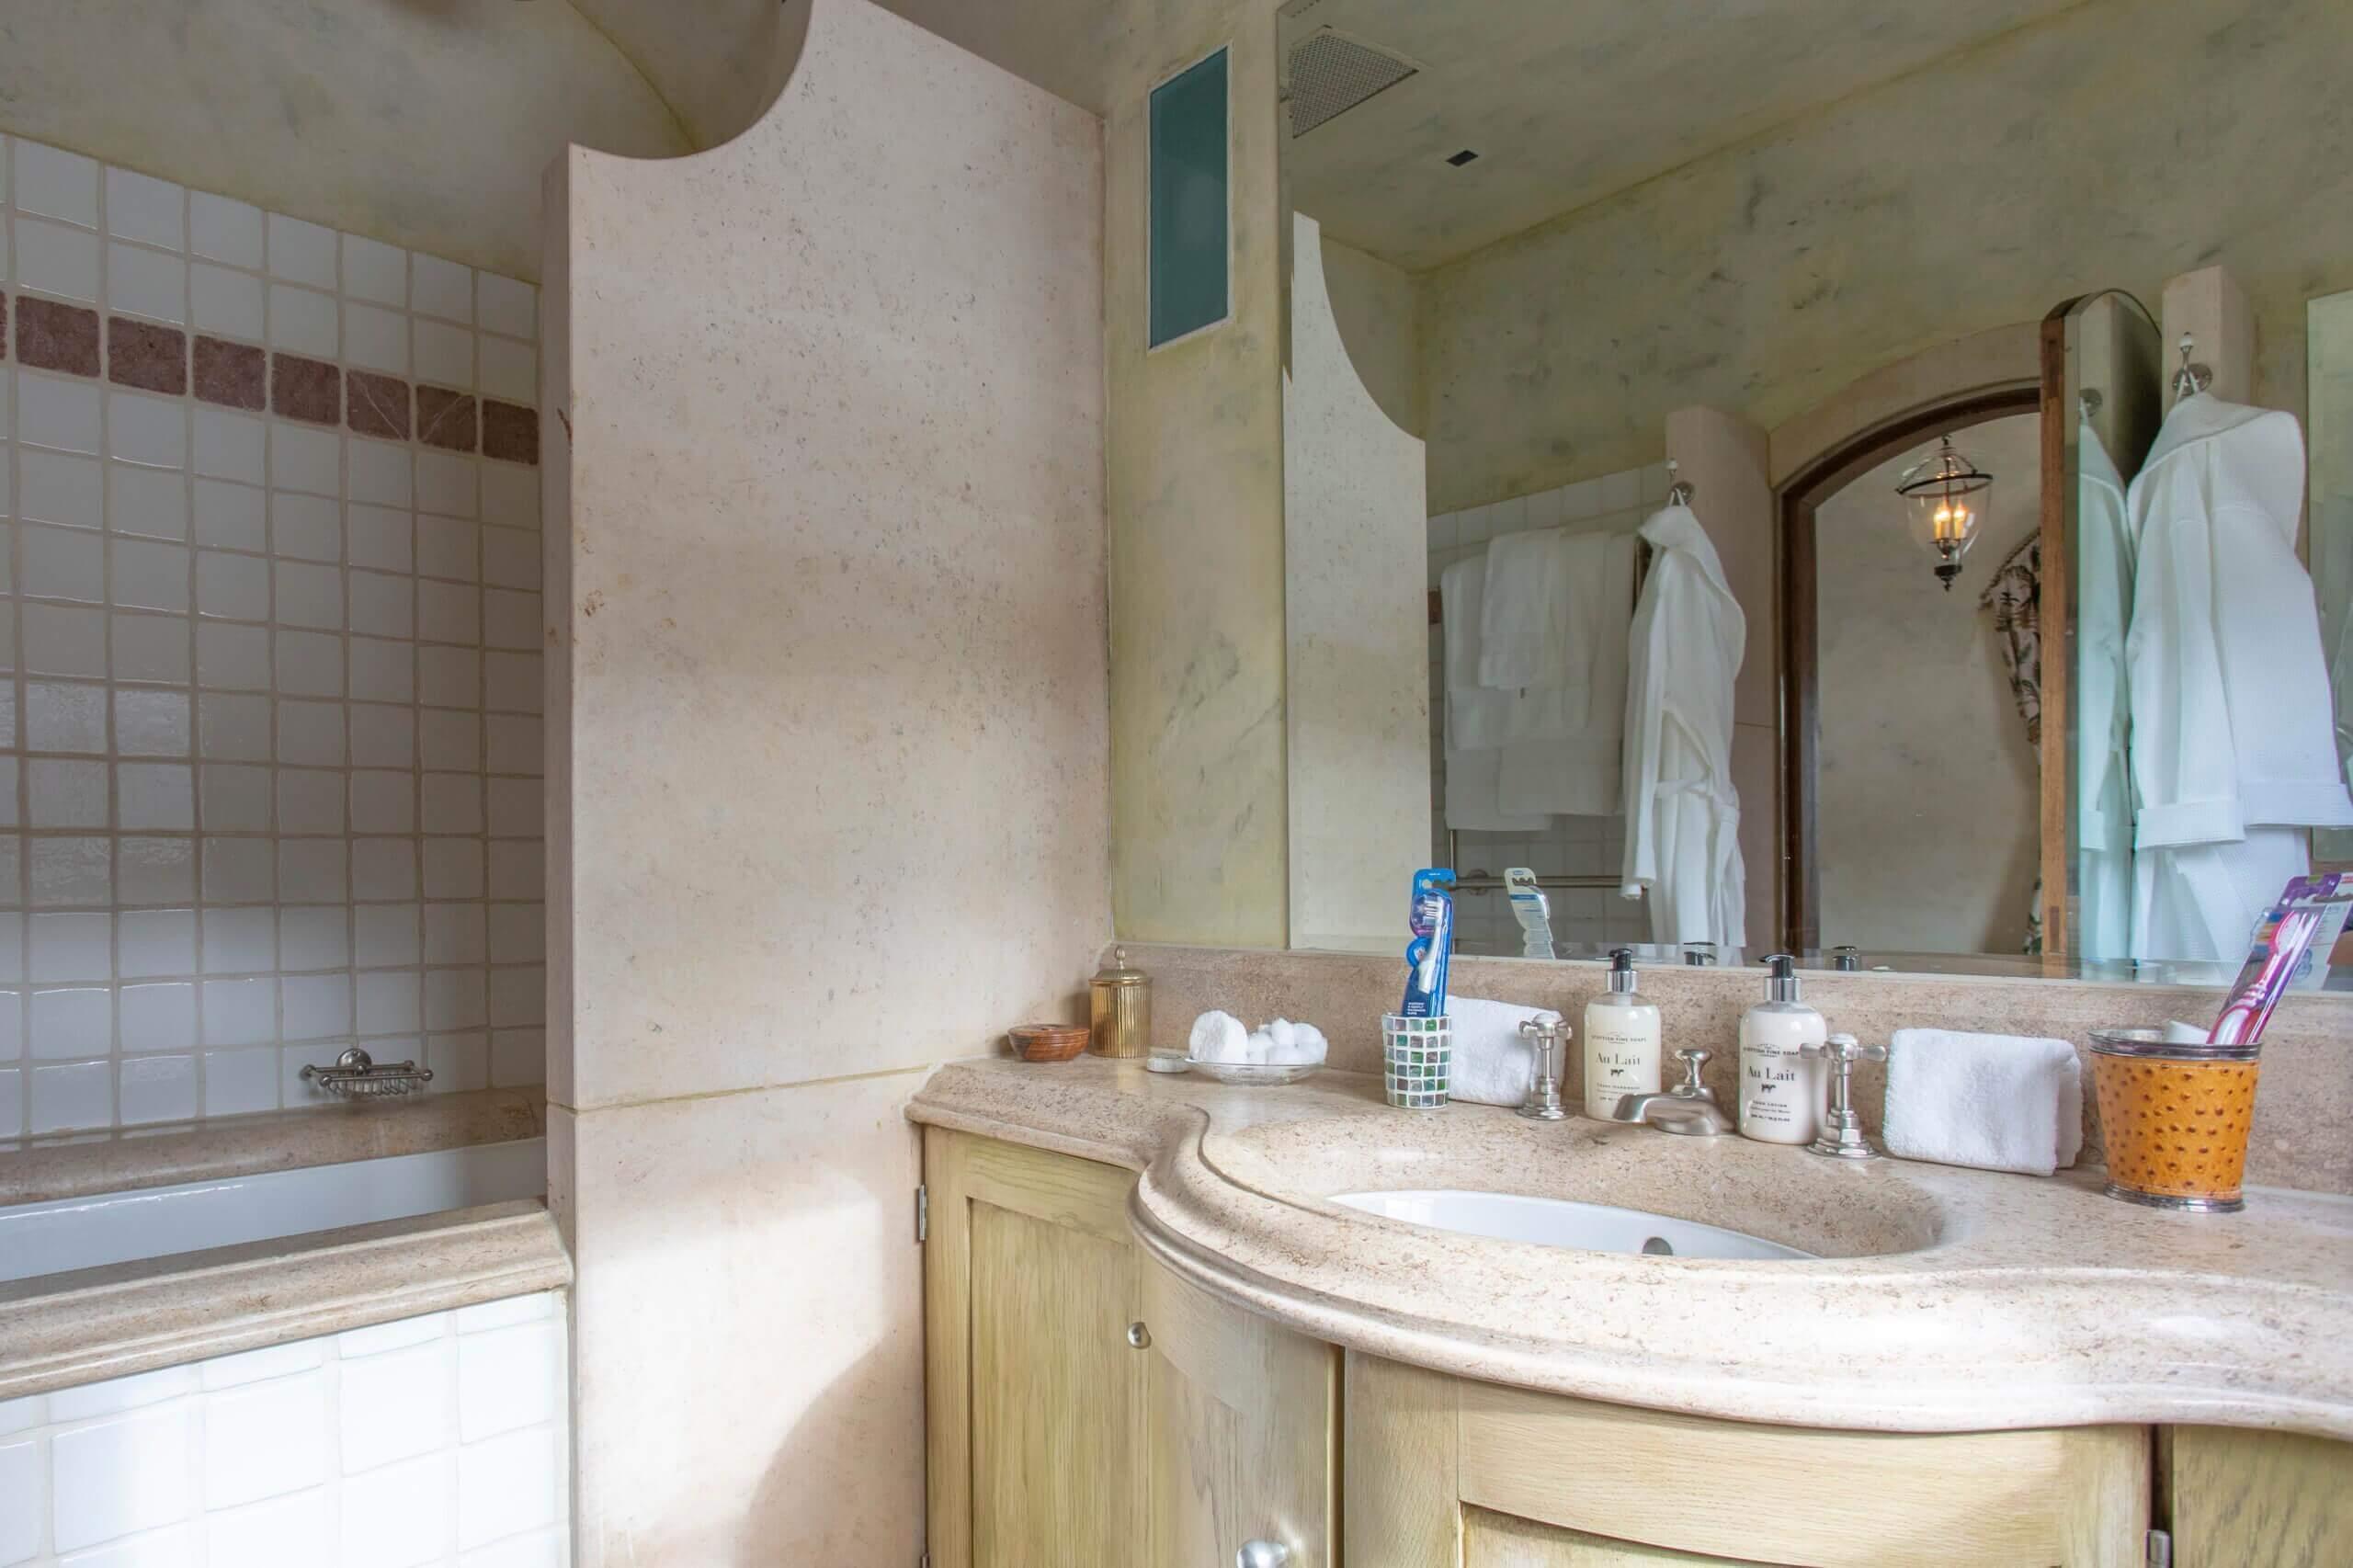 En suite bathrooms with marble vanity tops